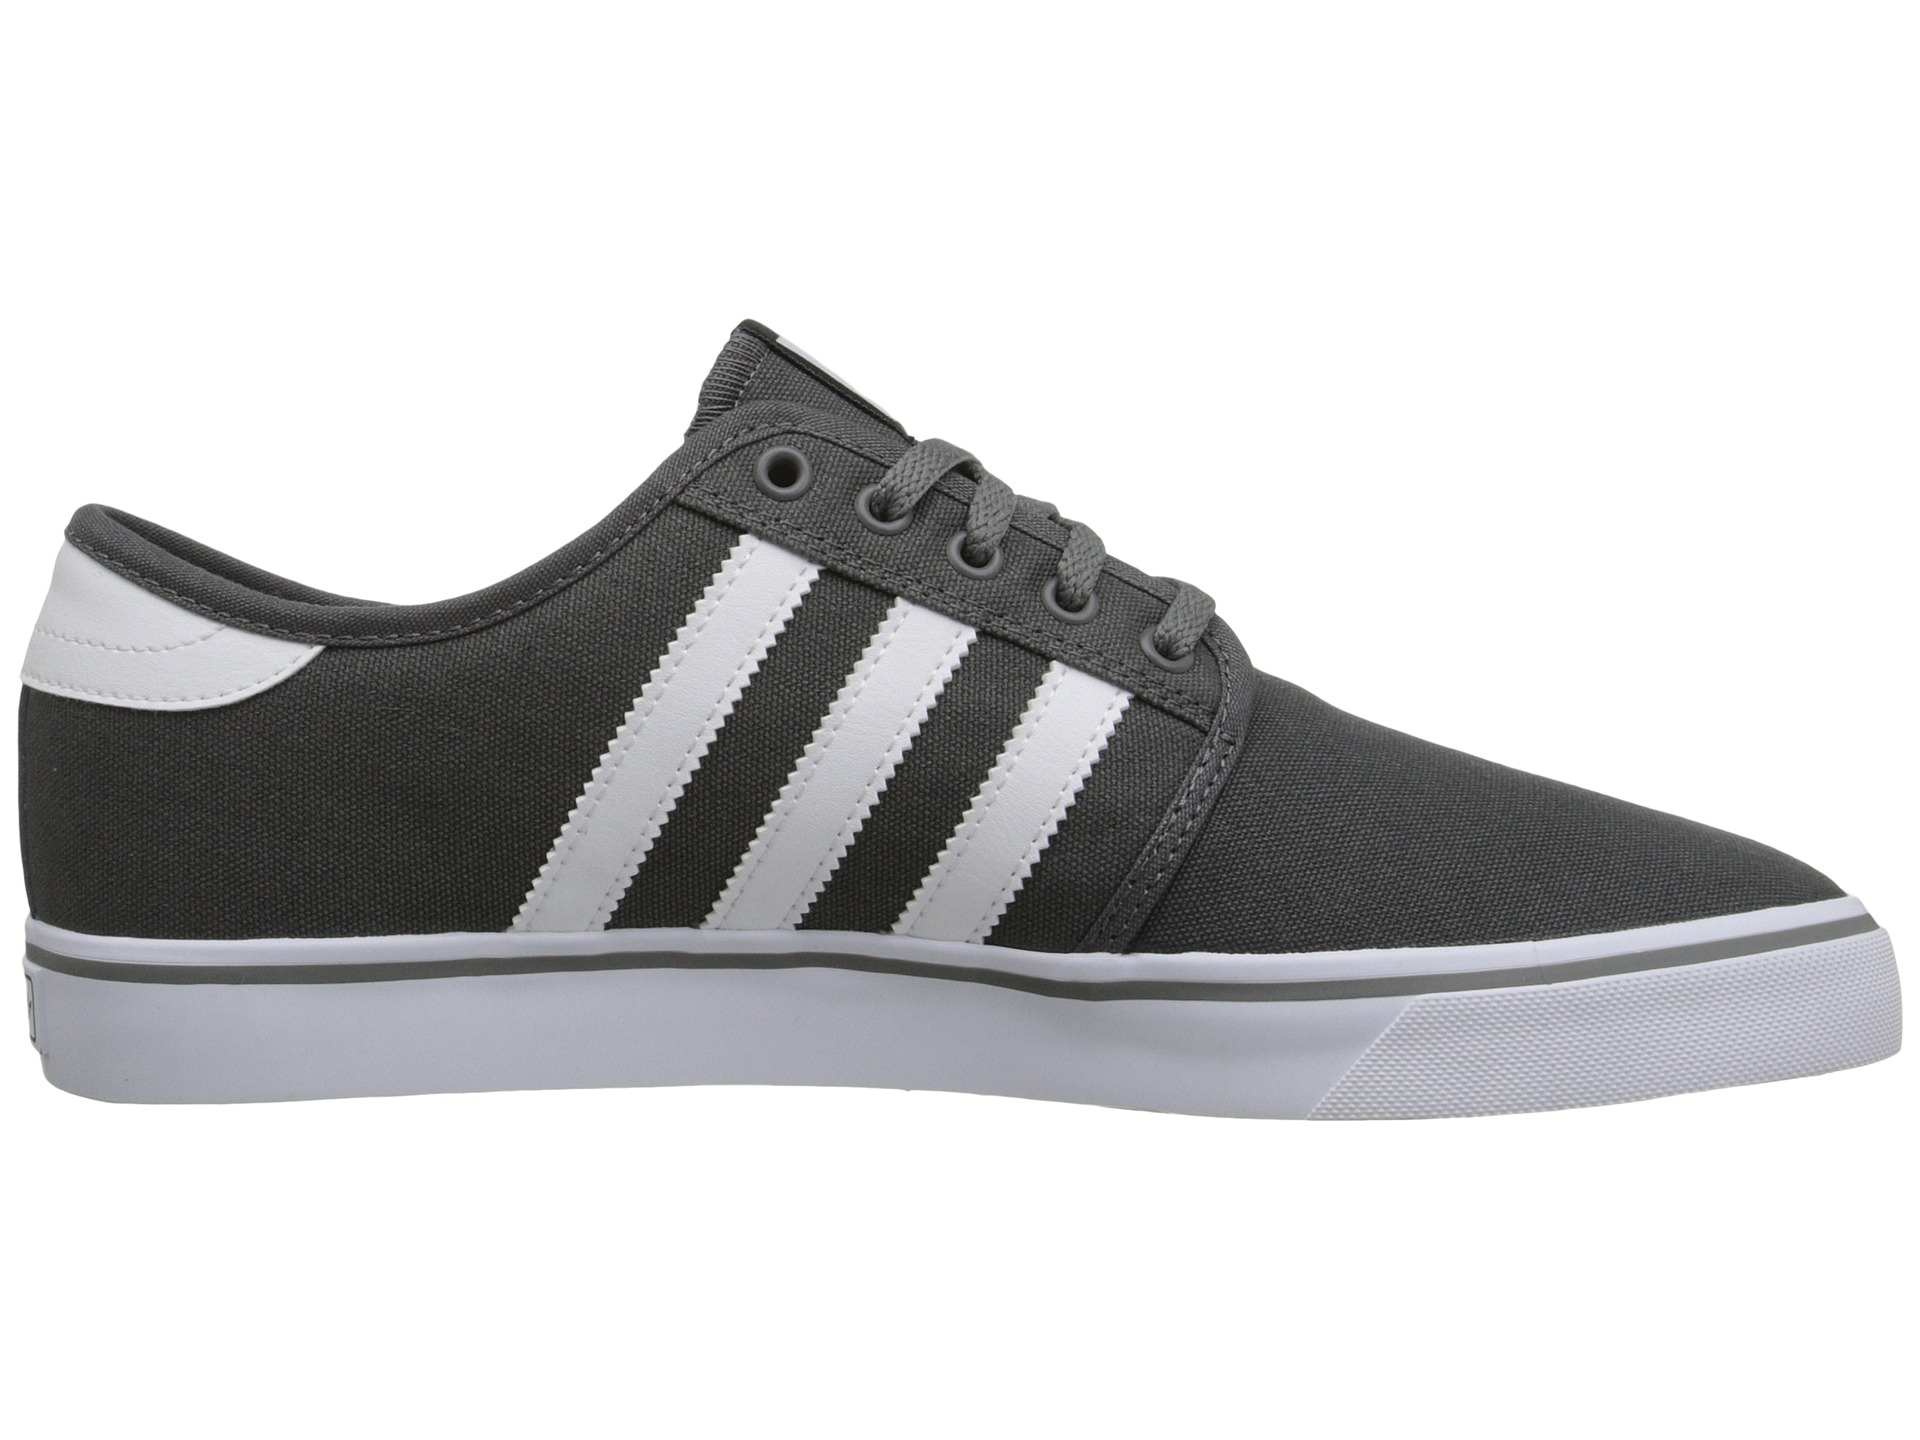 Adidas Originals Seeley J Shoe